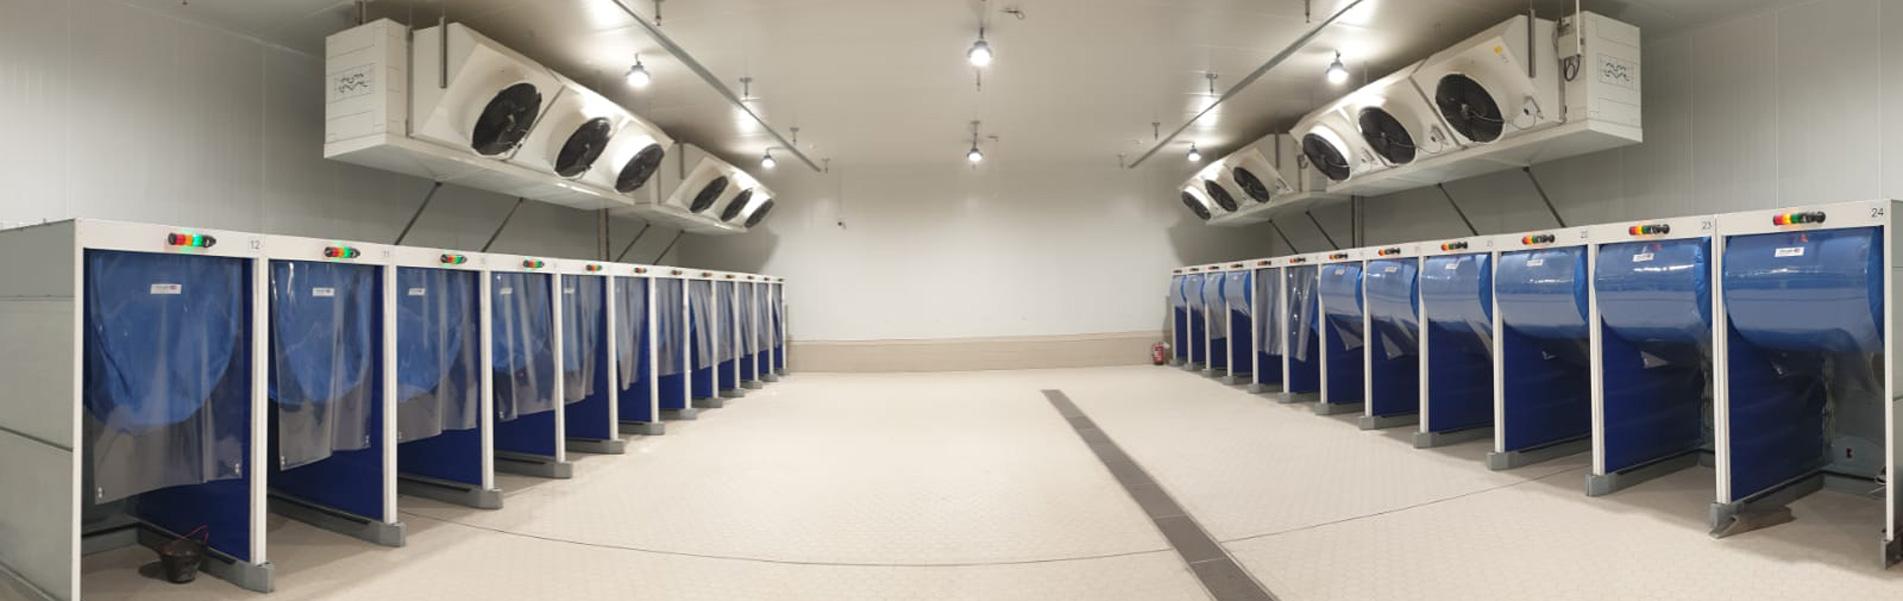 Blast cooling room